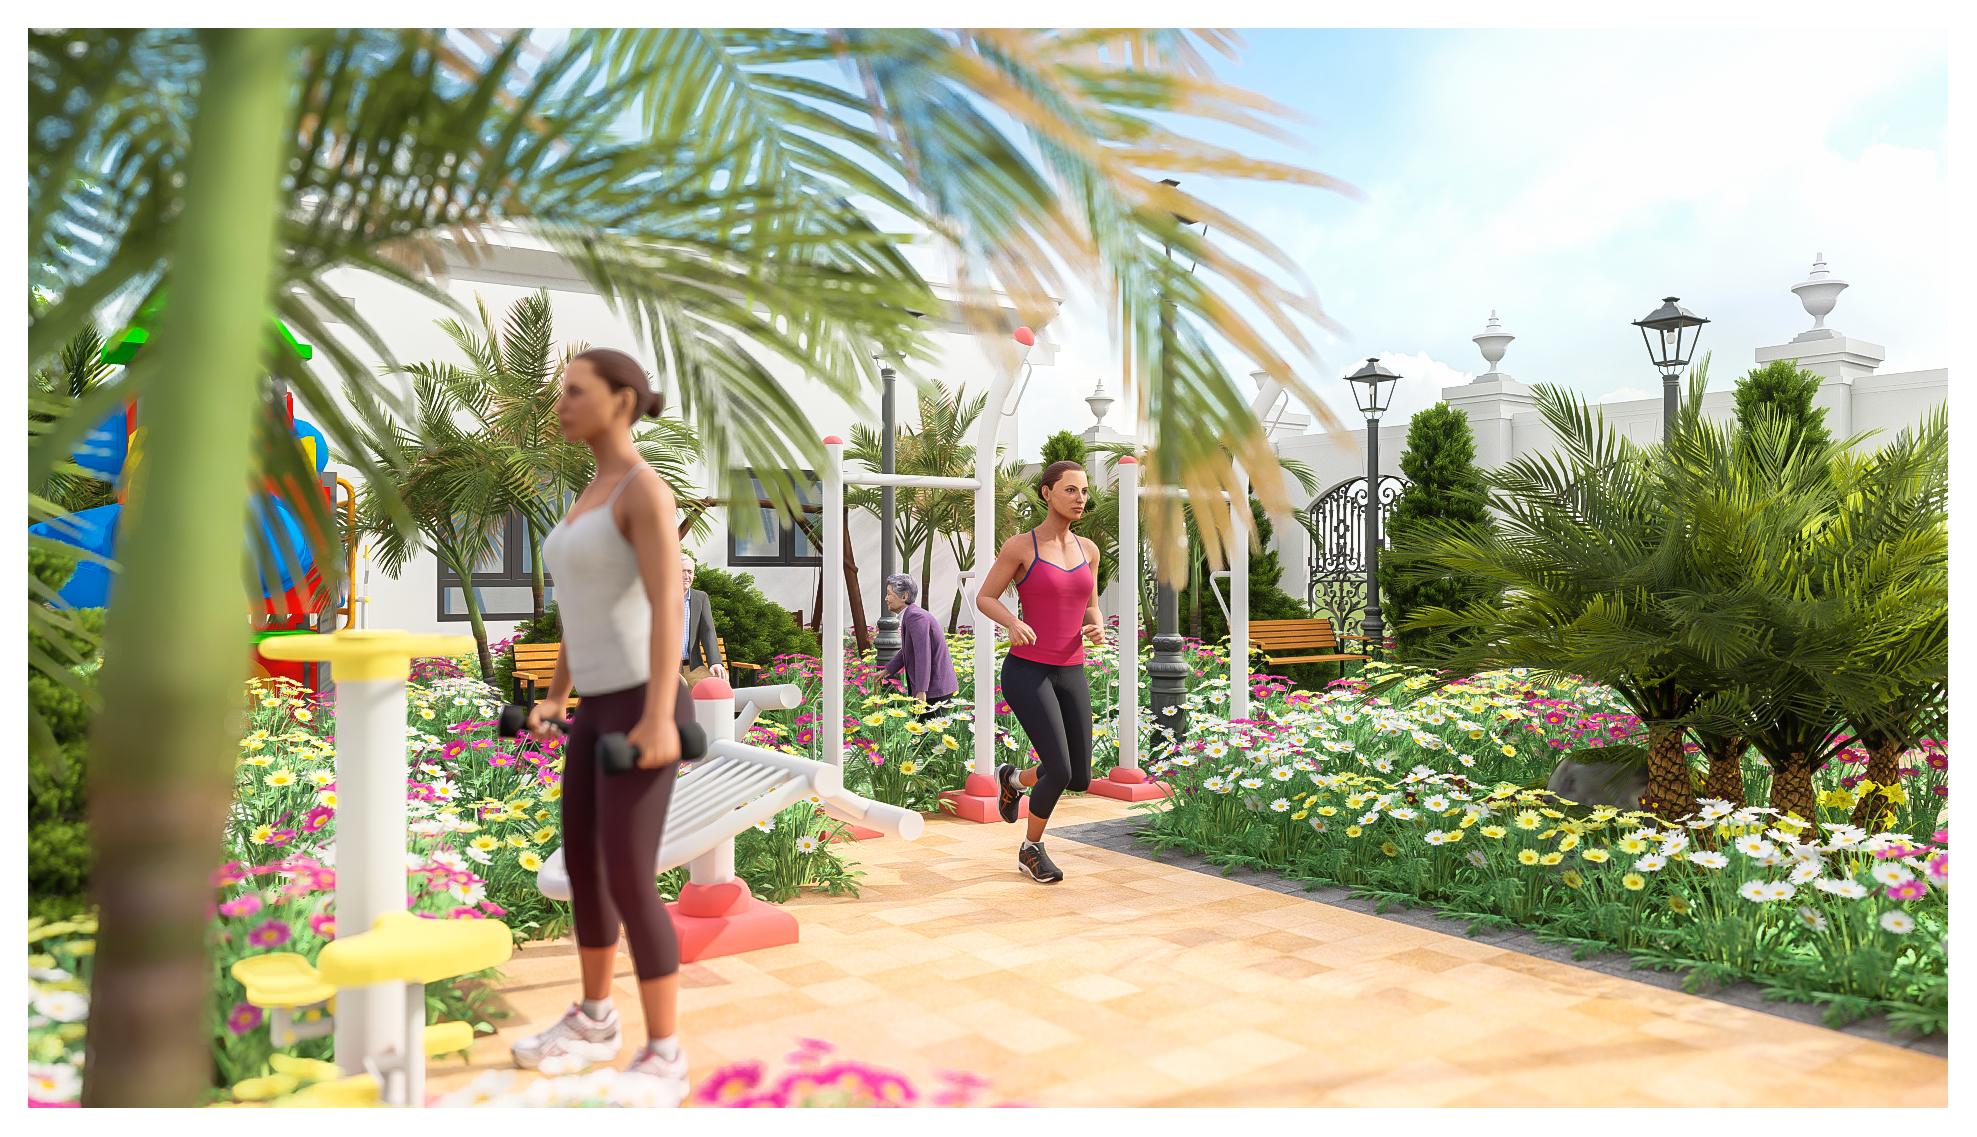 thiết kế Resort Khu Nhà Ở Dòng Họ168